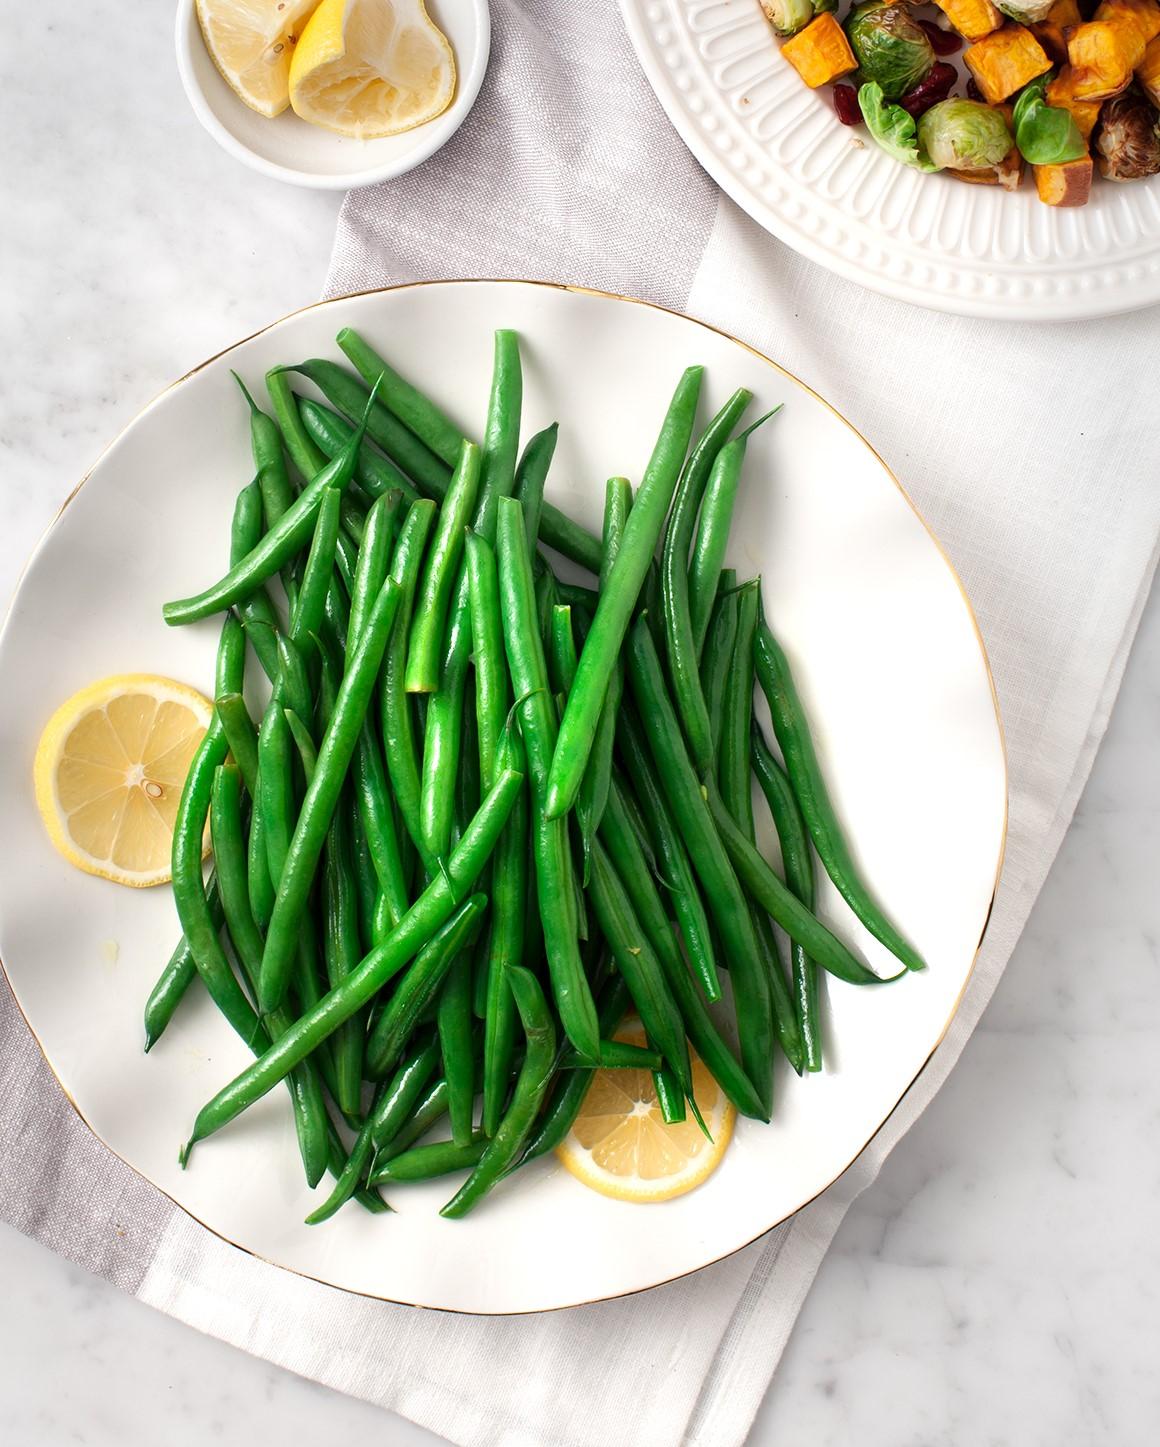 Les haricots verts contiennent beaucoup de nutriments, notamment des fibres, des protéines, de la vitamine C, de la vitamine K, du magnésium et du potassium.